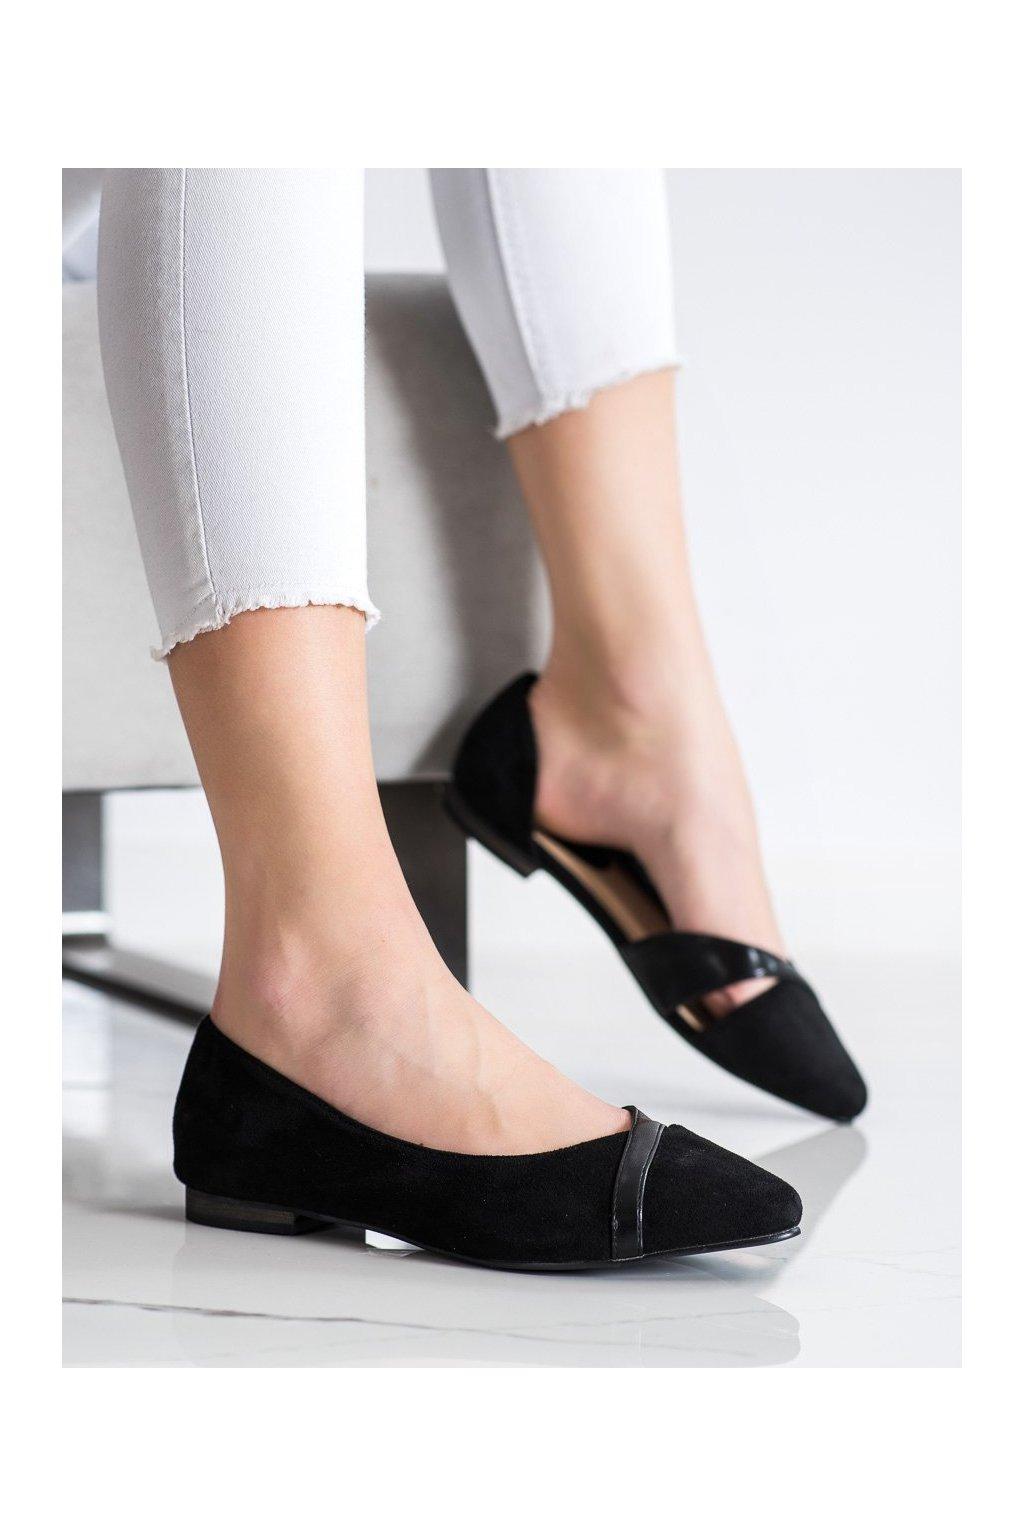 Čierne dámske balerínky Shelovet kod 21BL35-3528B